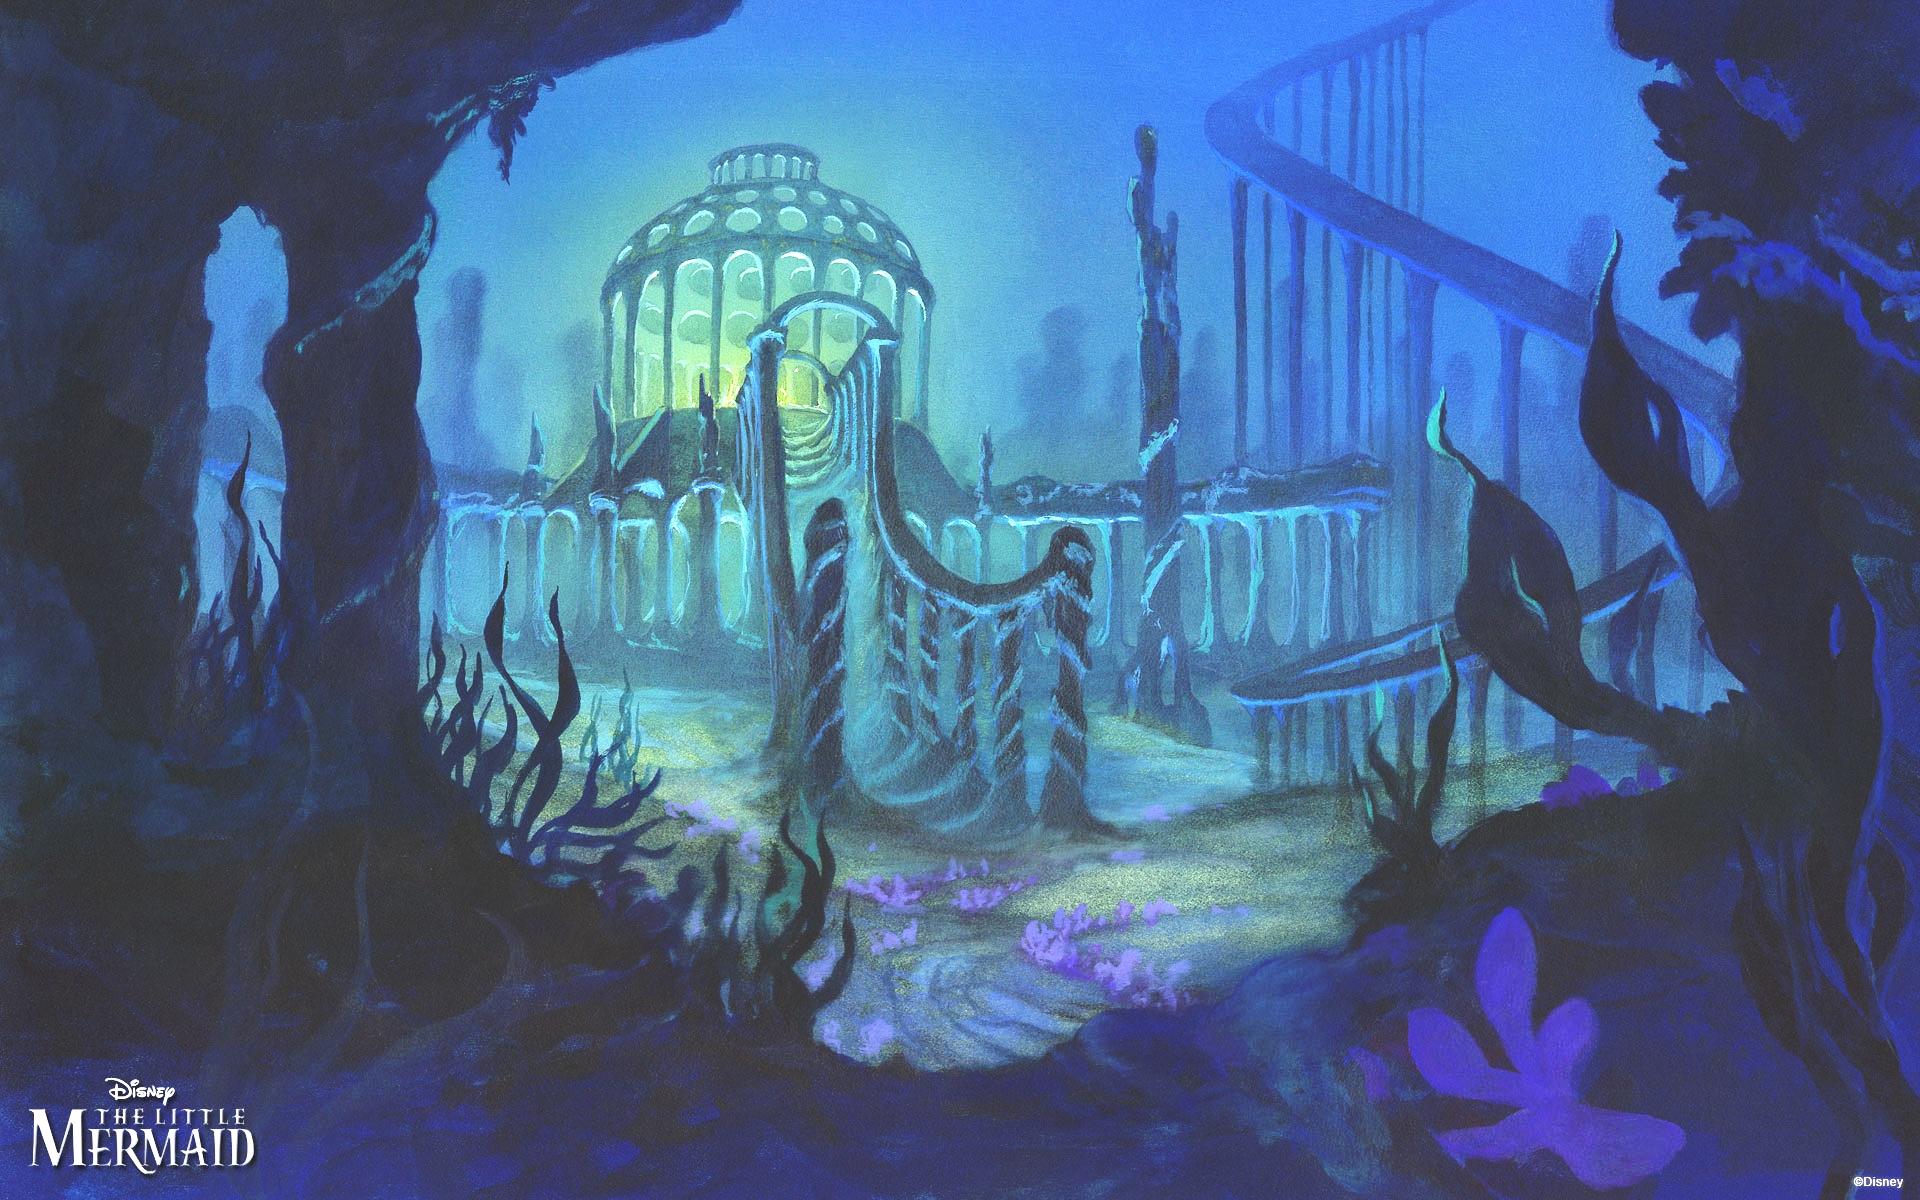 Walt Disney các hình nền - The Little Mermaid